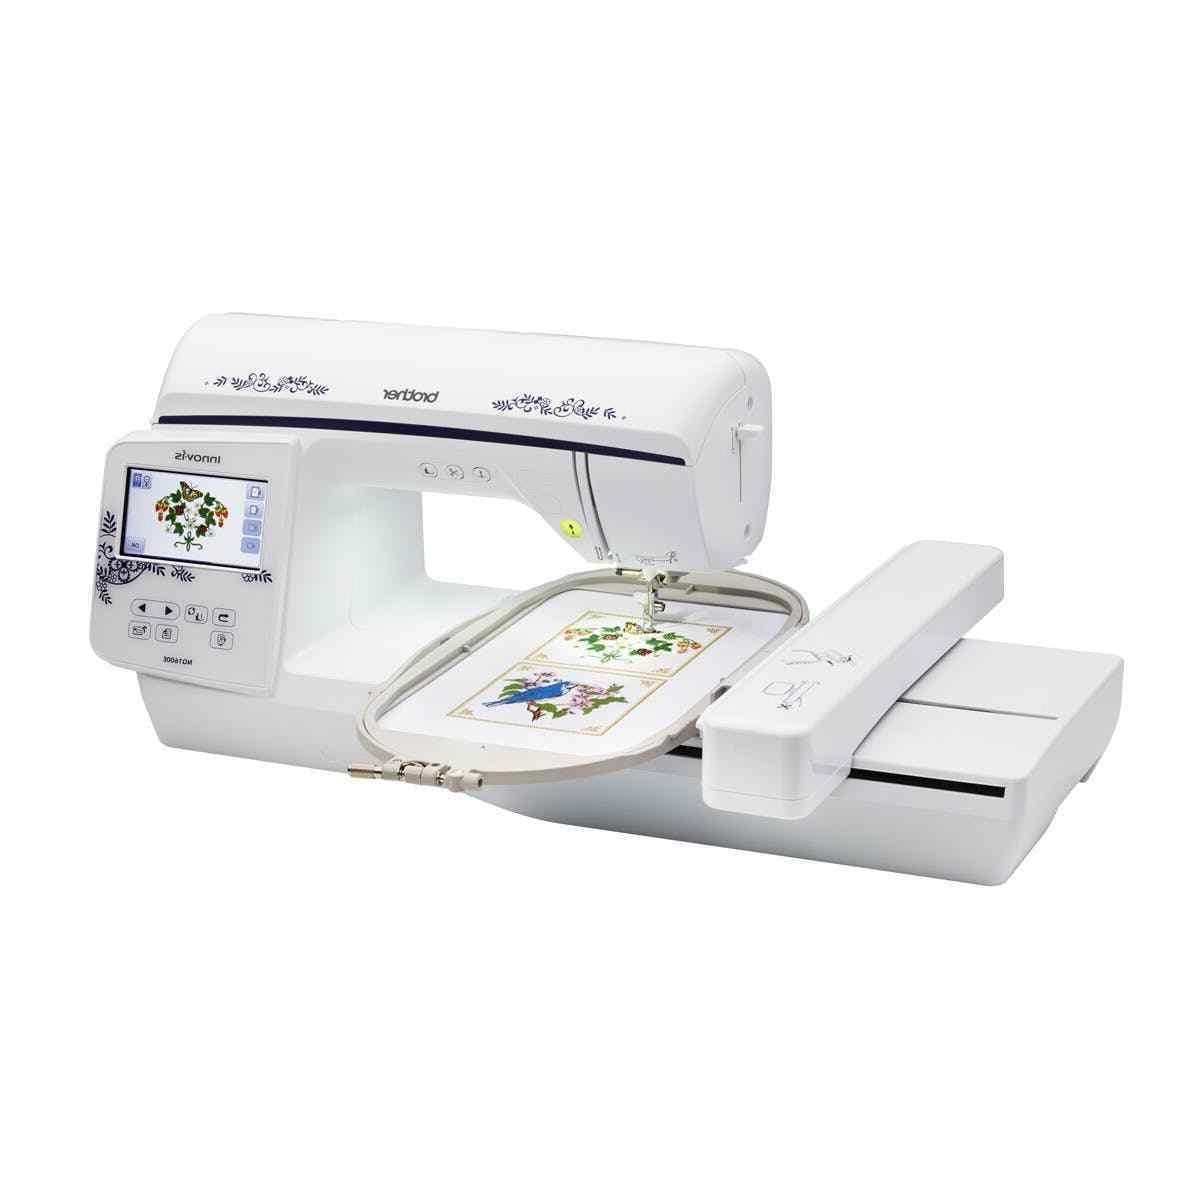 nq1600e embroidery machine new